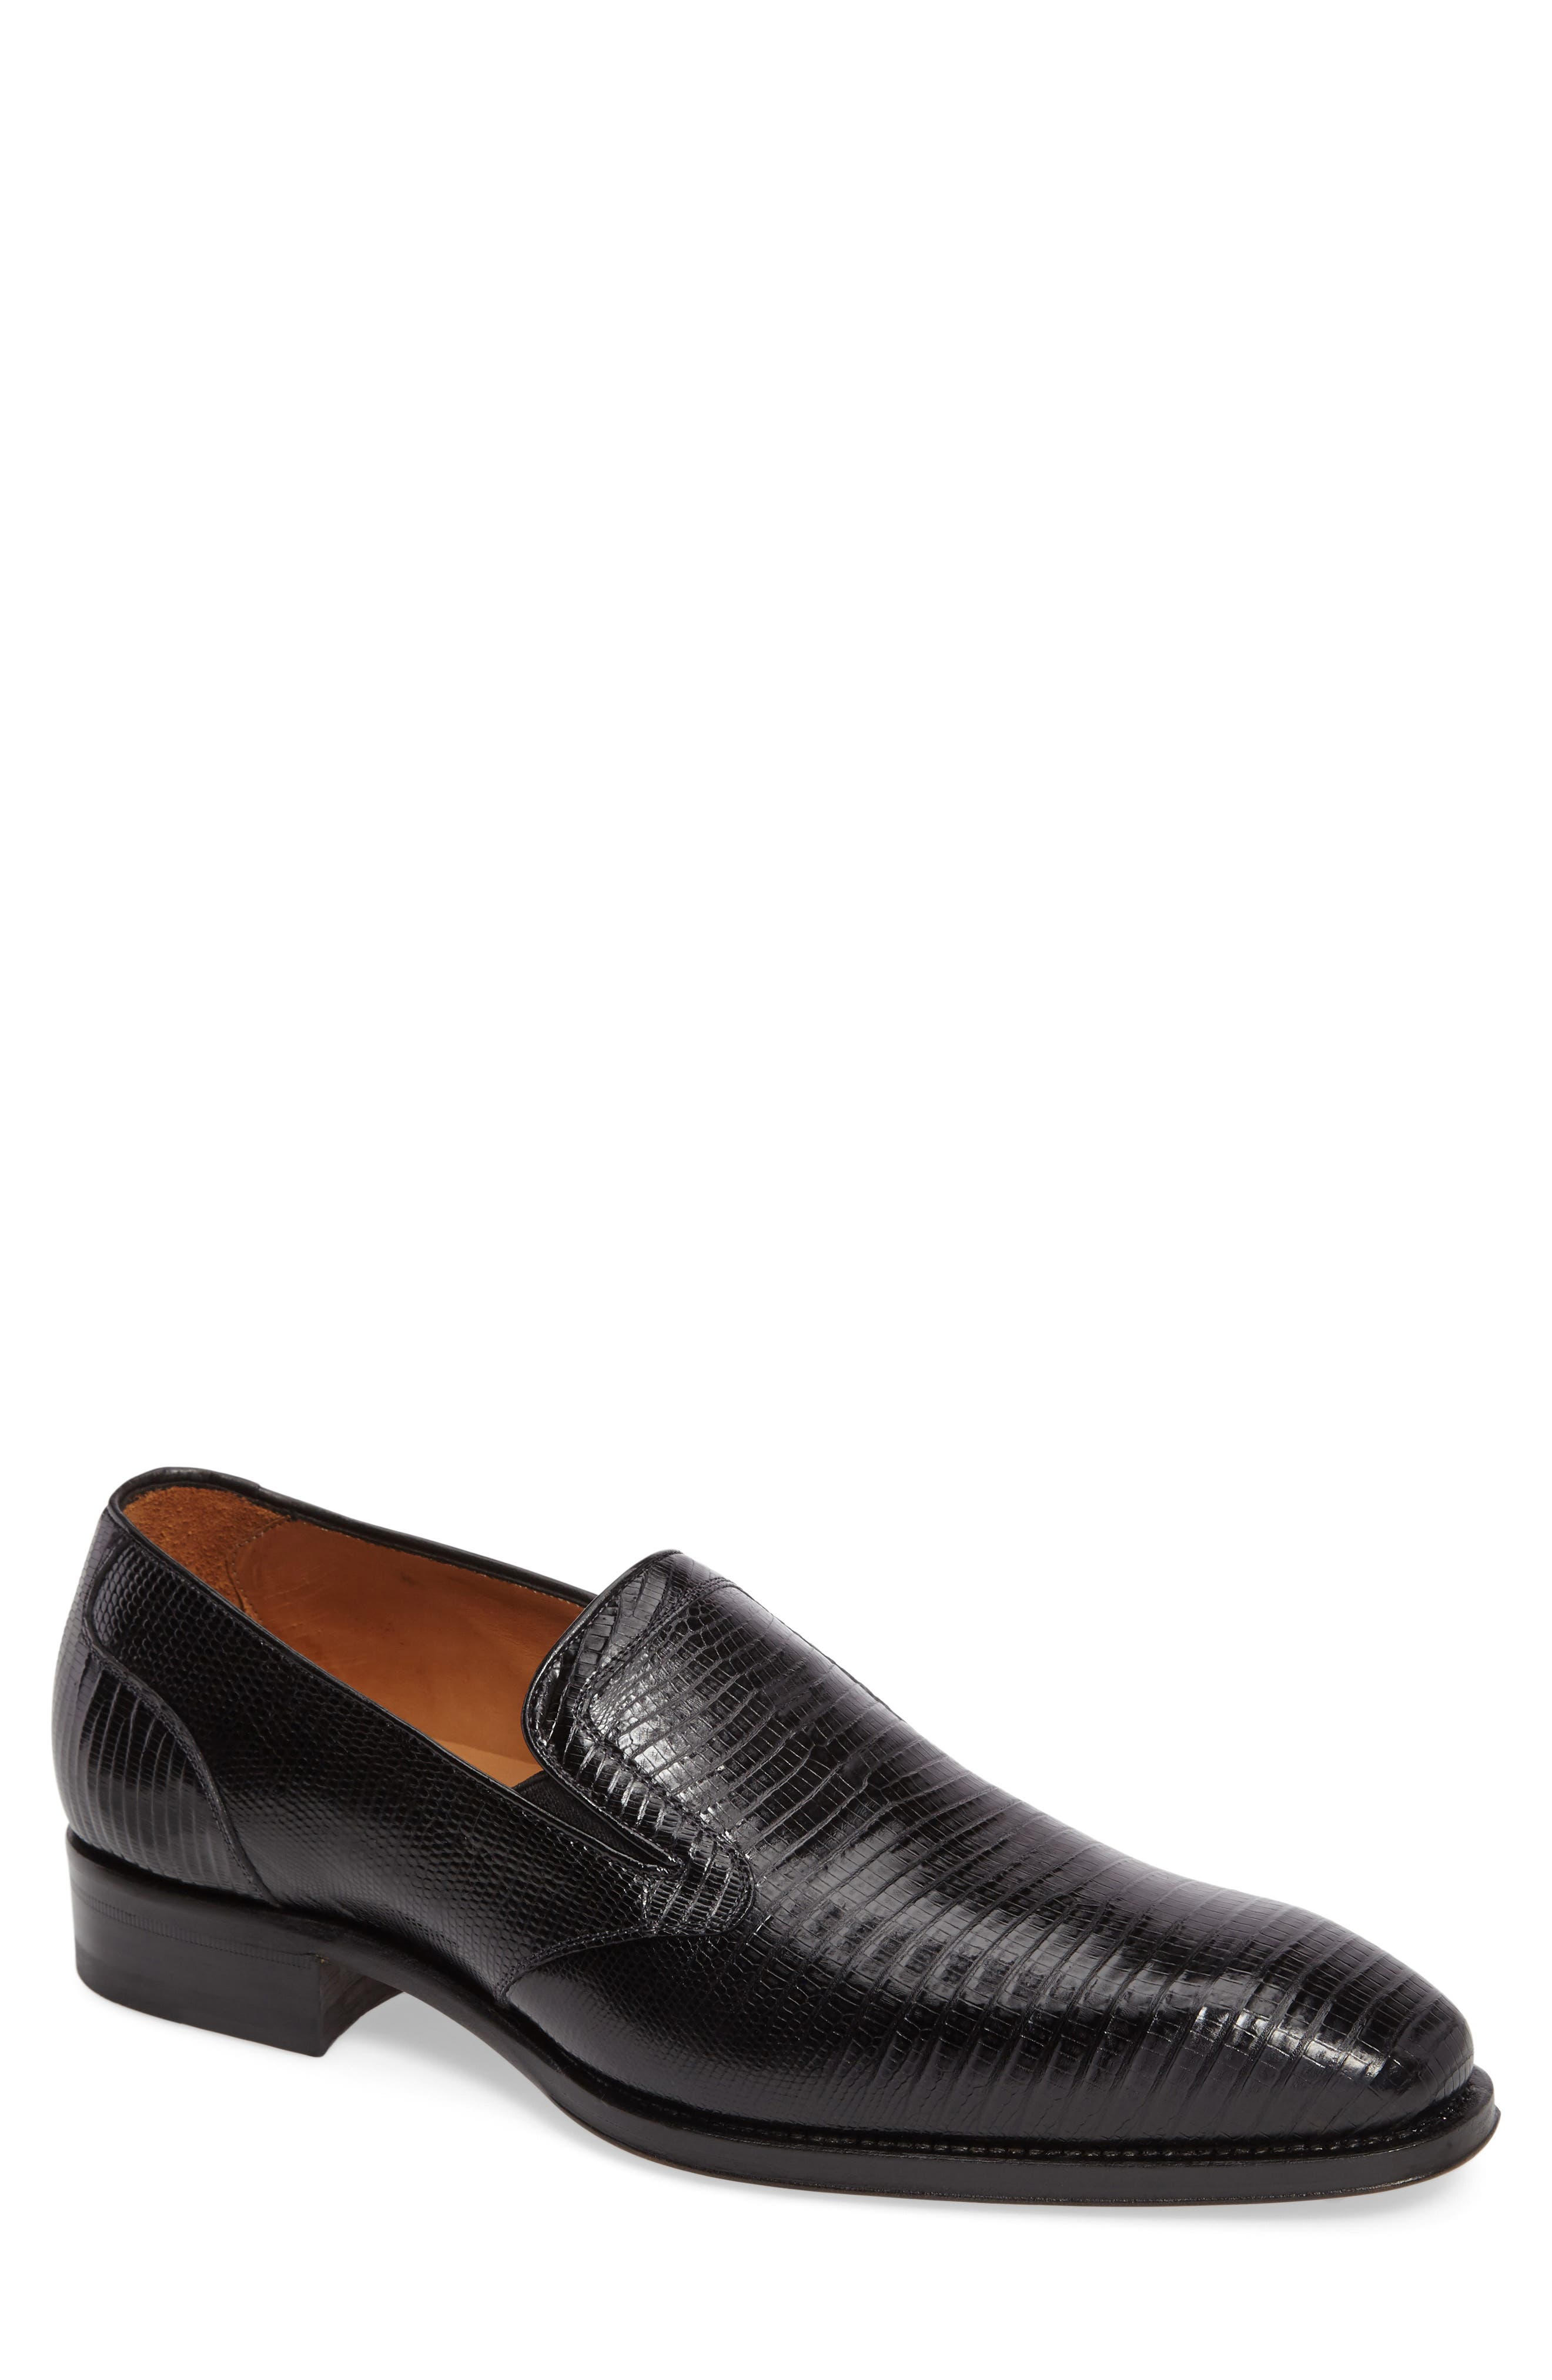 Alternate Image 1 Selected - Mezlan Hooke Venetian Loafer (Men)